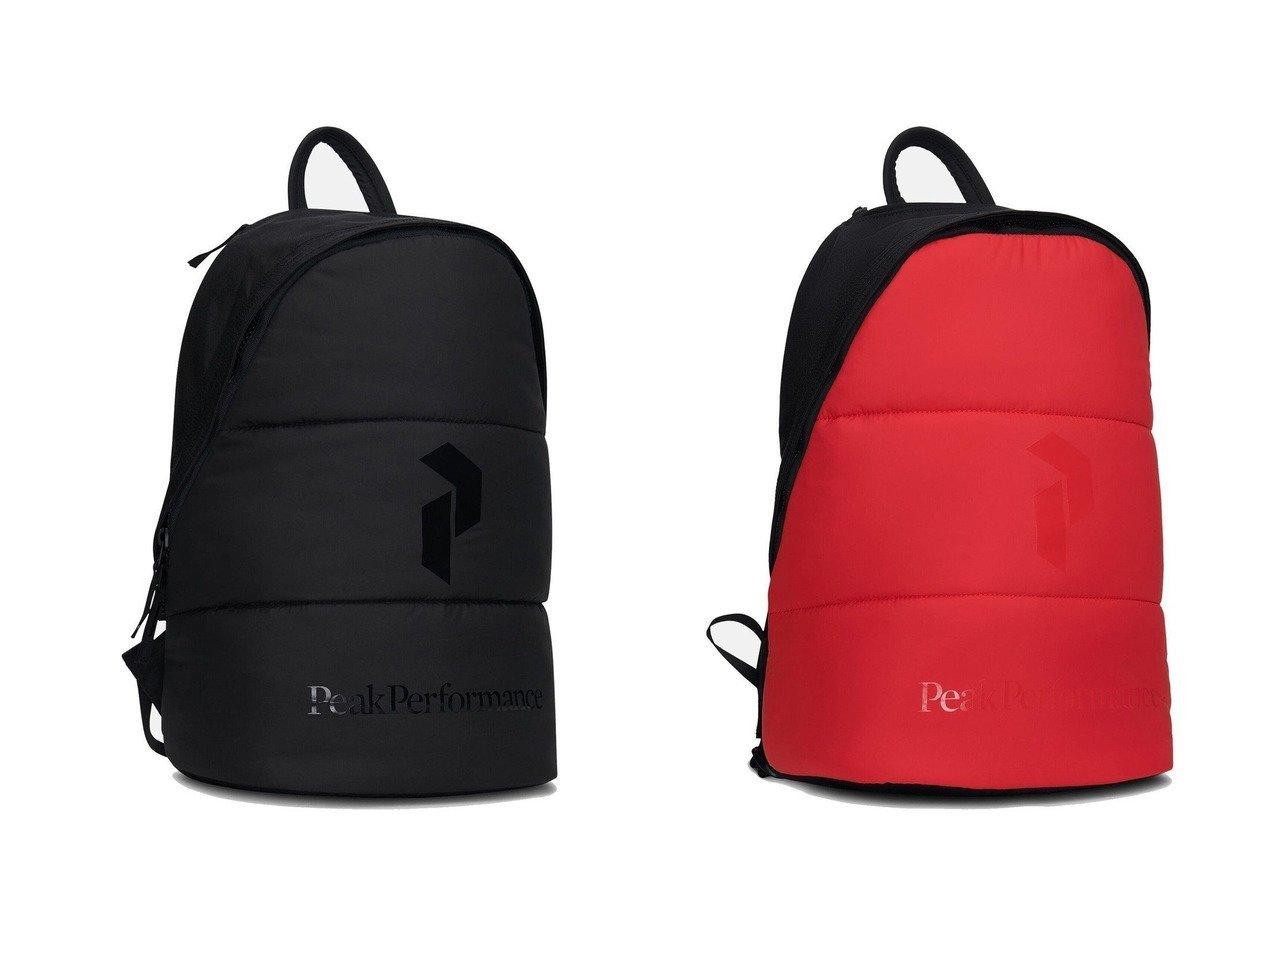 【PeakPerformance/ピークパフォーマンス】のSW Backpack スポーツウェア・ヨガ・運動・ダイエットグッズなどのおすすめ!人気トレンド・ファッション通販 おすすめで人気の流行・トレンド、ファッションの通販商品 インテリア・家具・メンズファッション・キッズファッション・レディースファッション・服の通販 founy(ファニー) https://founy.com/ ファッション Fashion レディースファッション WOMEN バッグ Bag 送料無料 Free Shipping キルティング ポケット ラップ リュック |ID:crp329100000041094